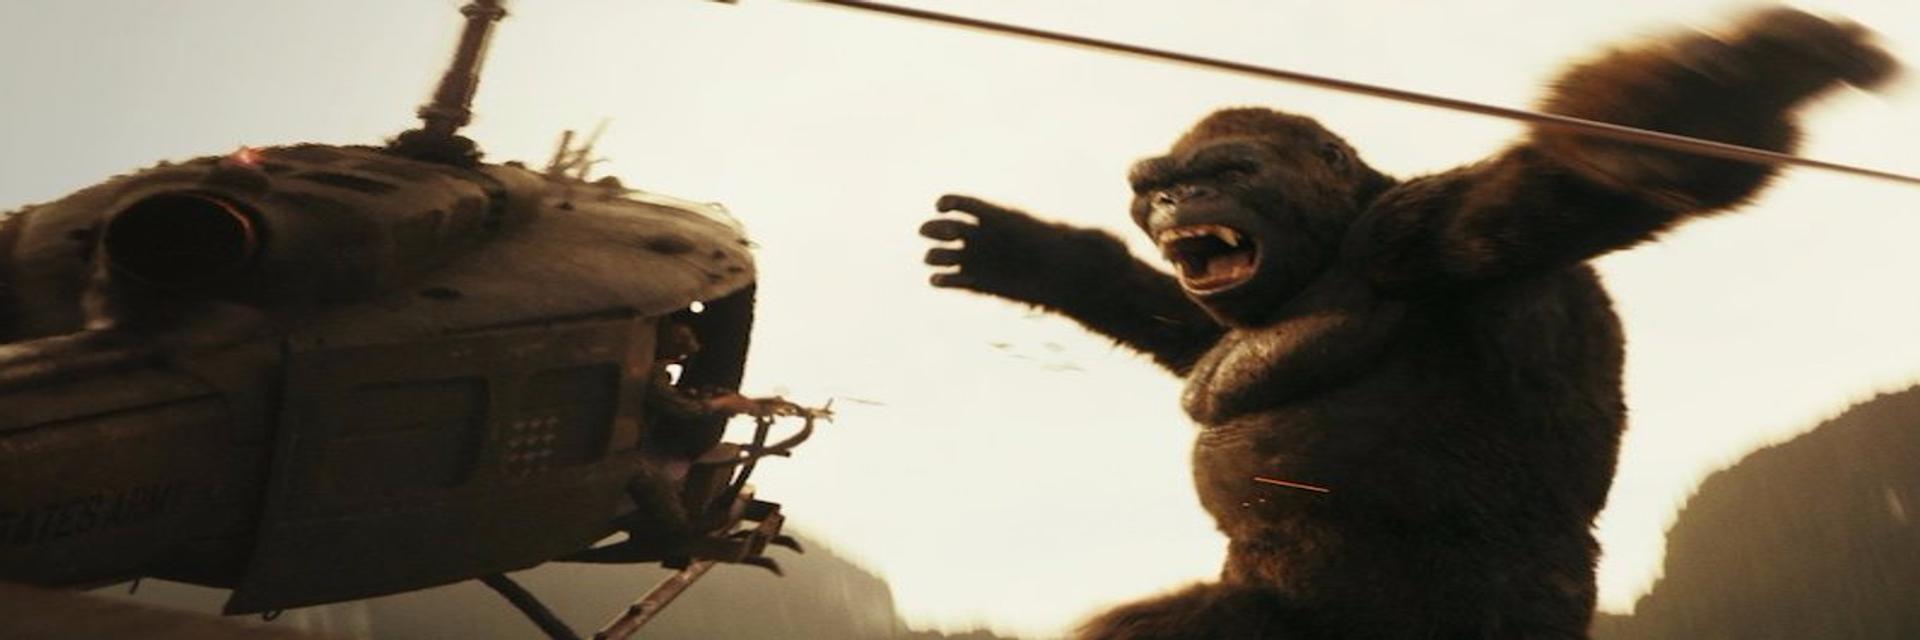 《金剛:骷髏島》 7 大史前怪獸懶人包 骷髏爬獸嘶吼聲竟來自小松鼠?